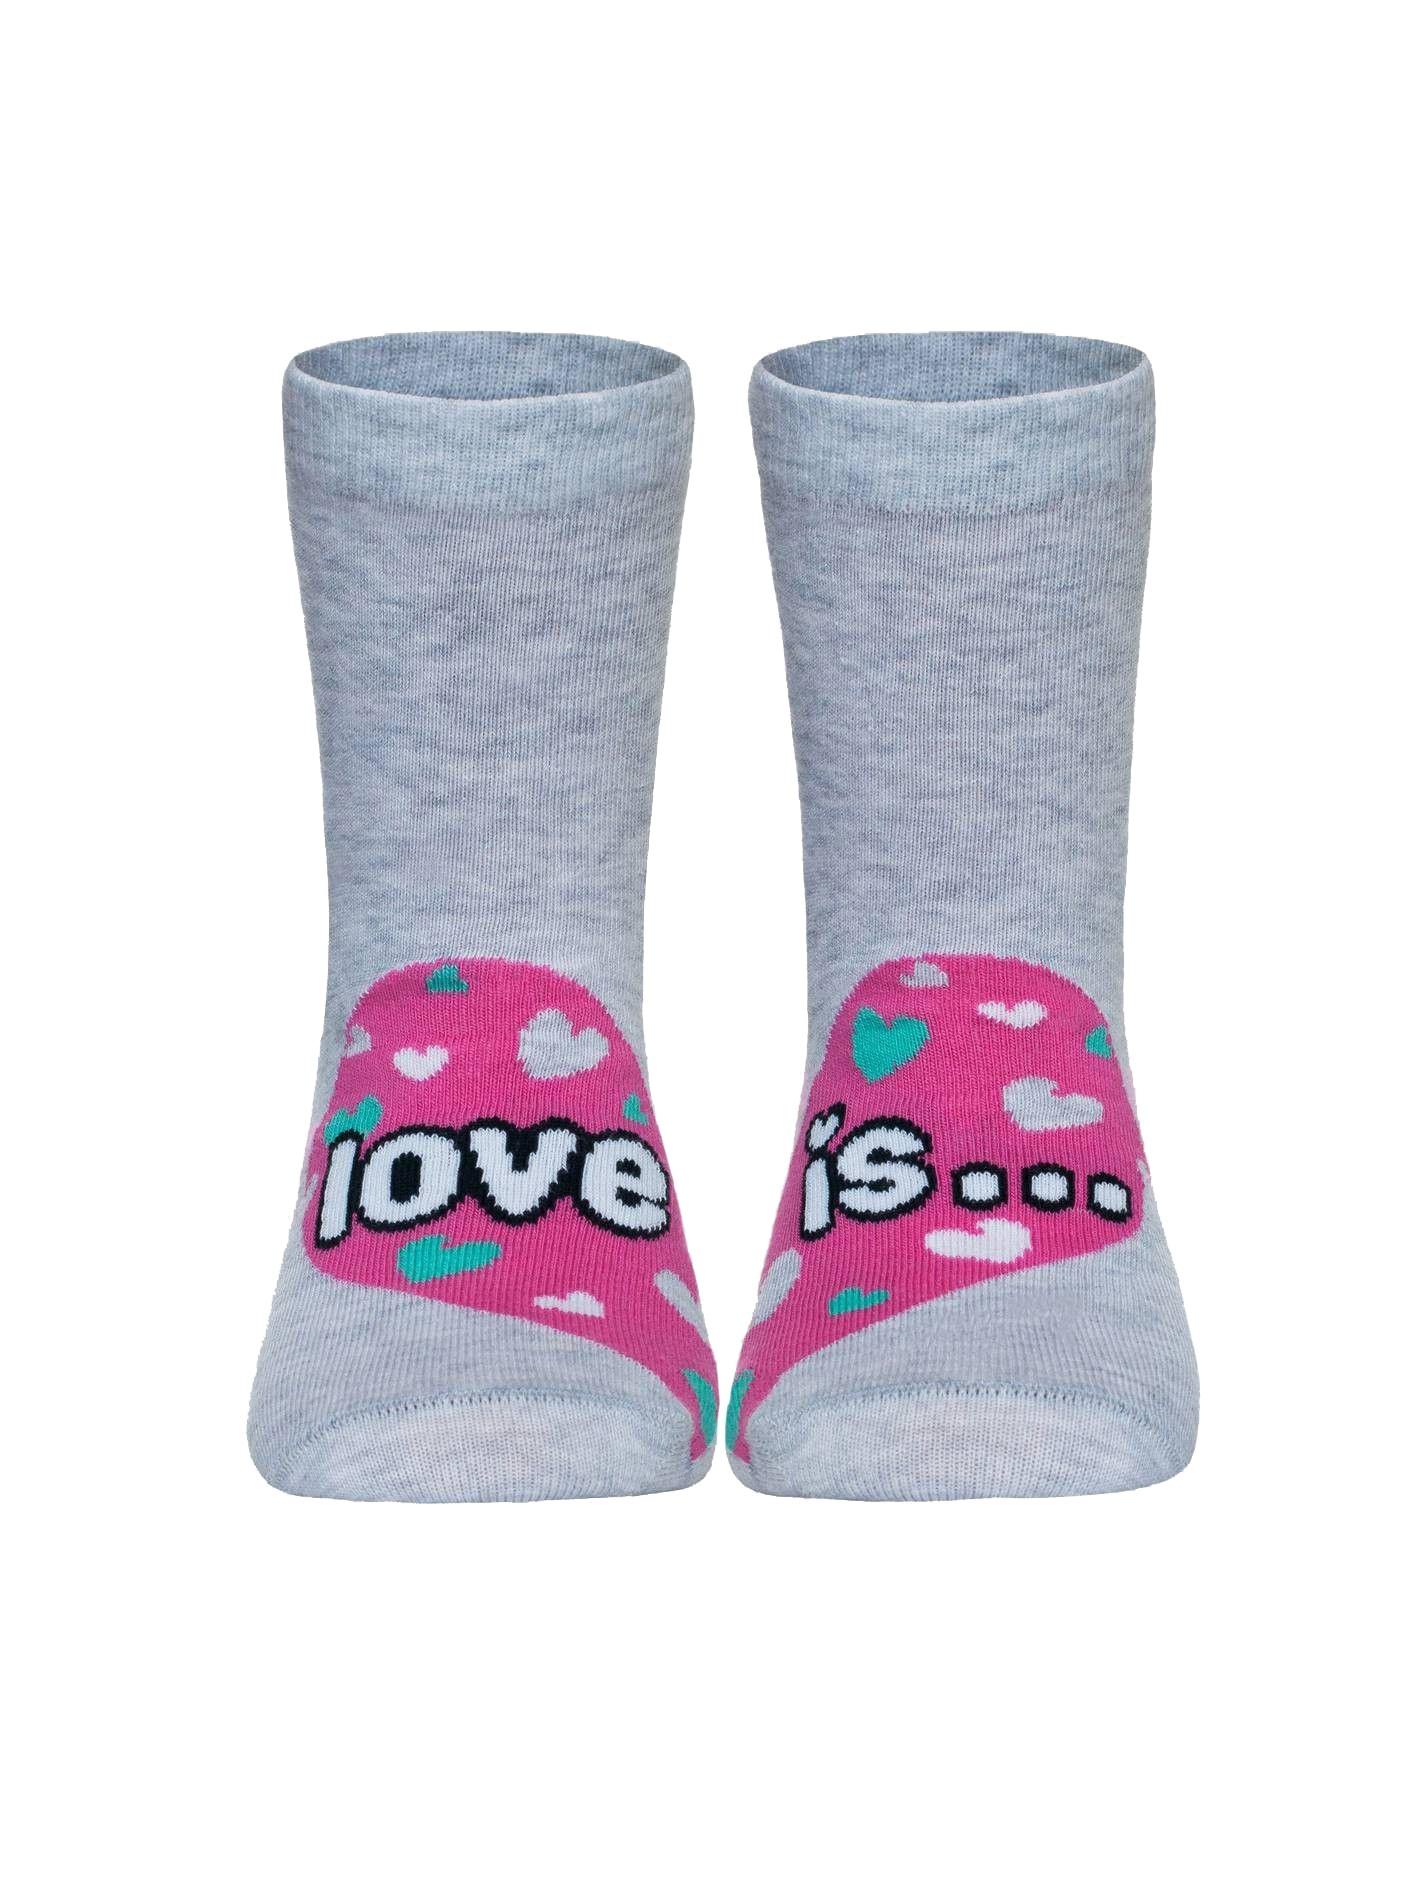 Носки Conte Kids носки детские soxo цвет темно серый 77805 5 размер 16 18